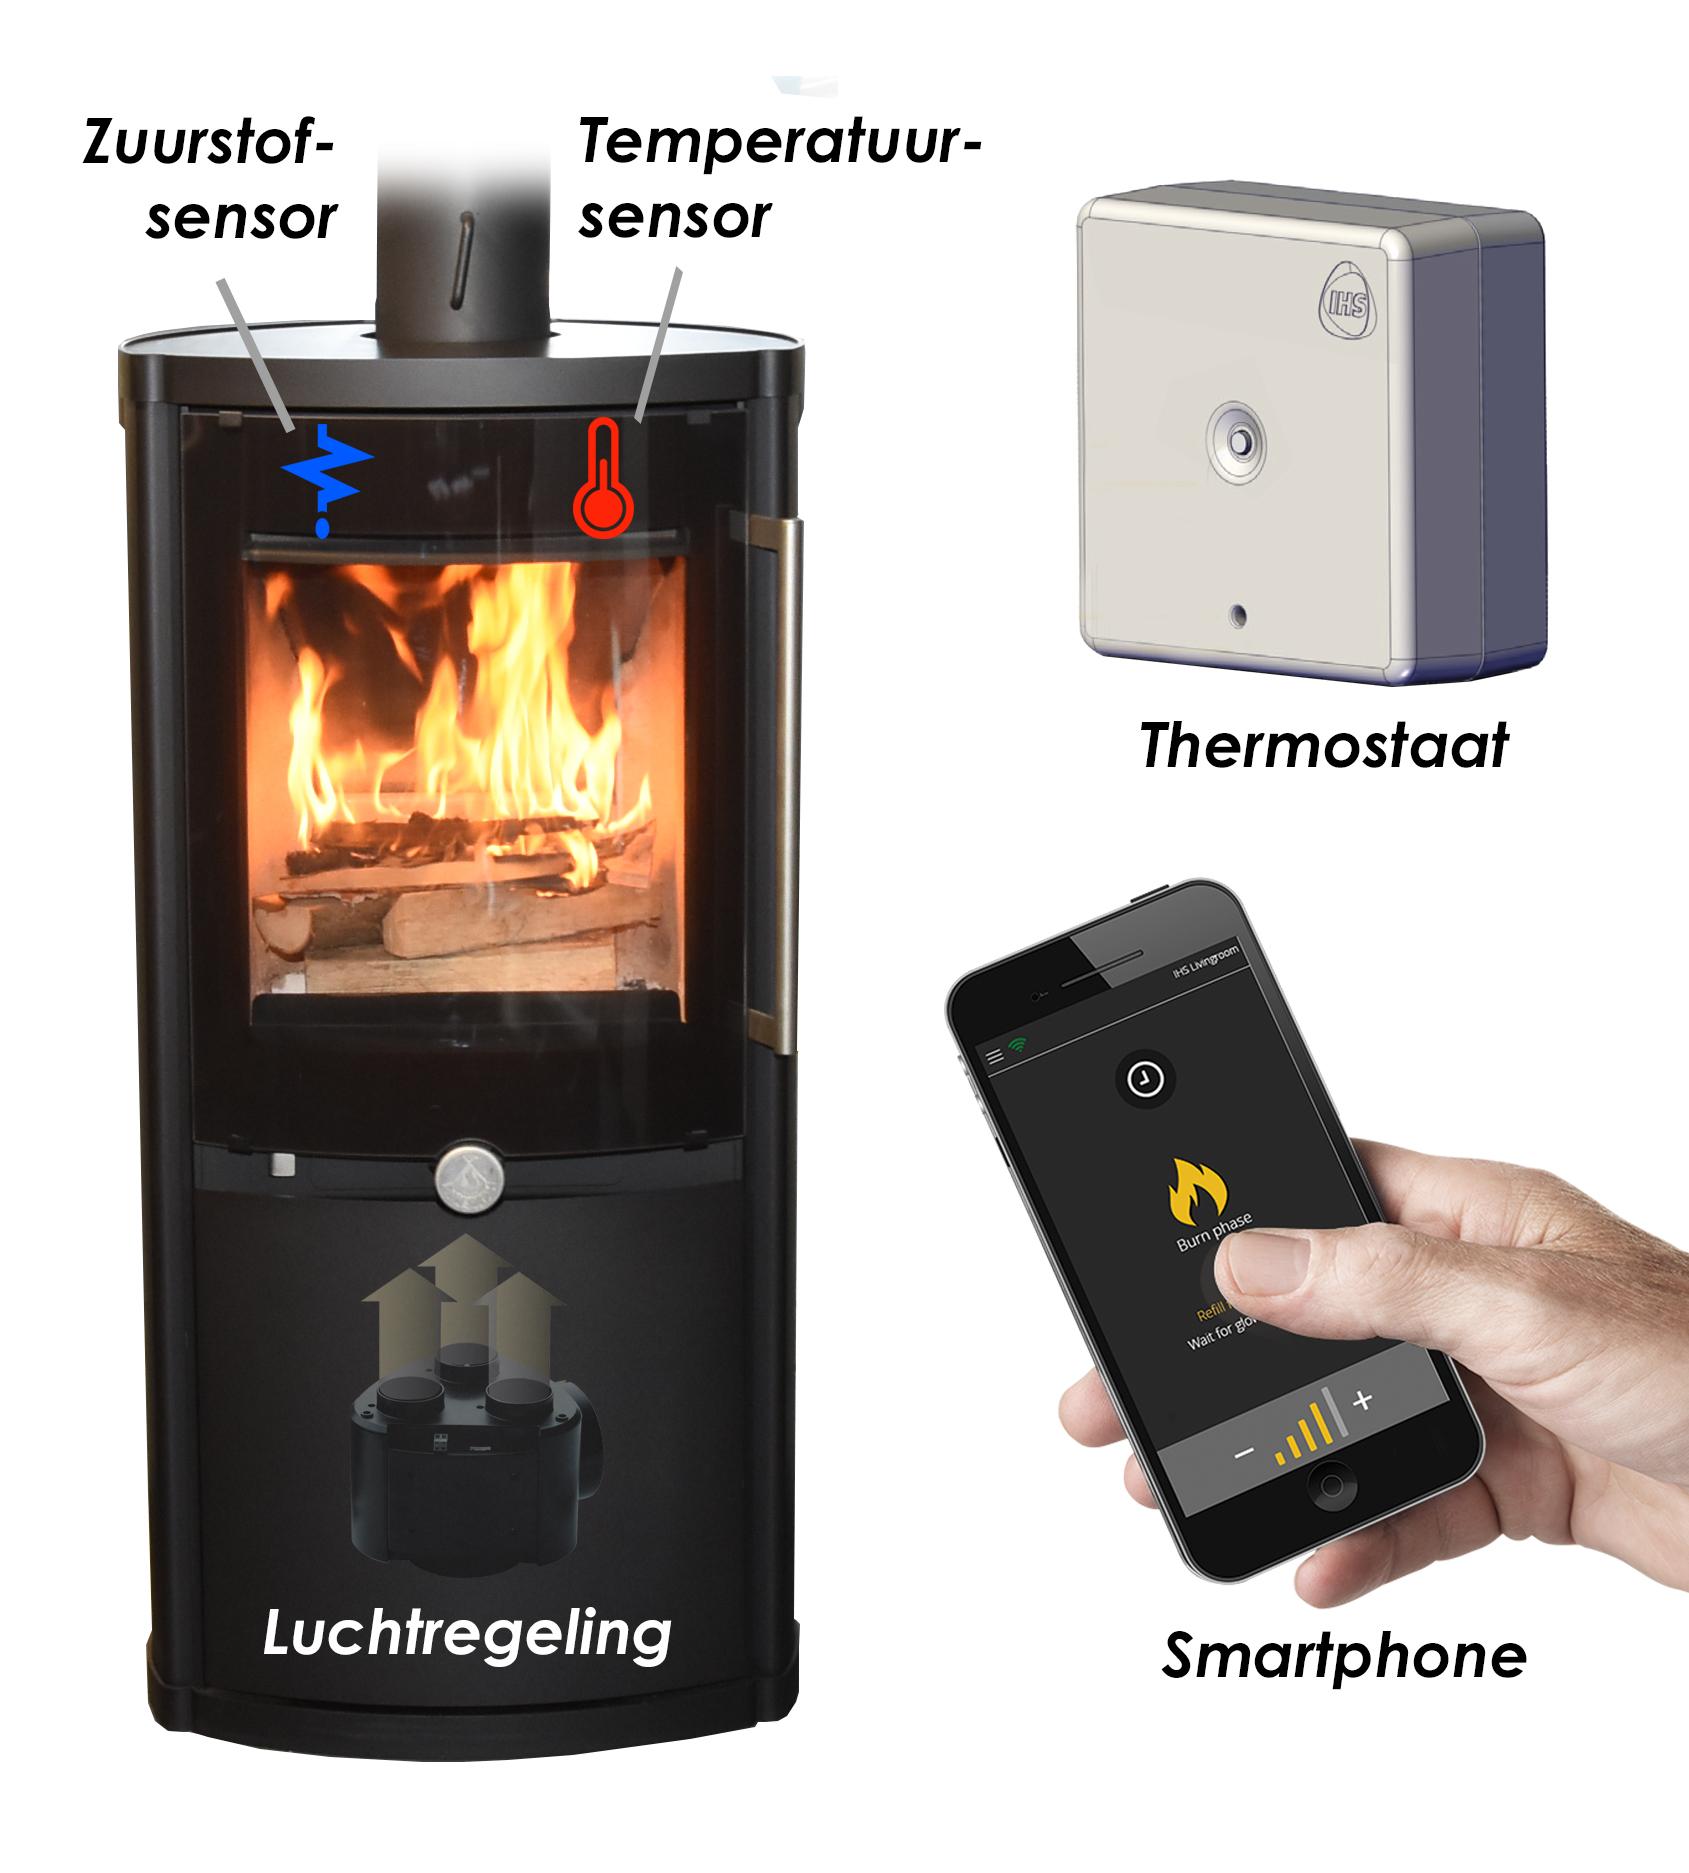 Thermostatische houtkachel Sirio van Danskan. Slimme houtkachel die wordt bediend via de smartphone #danskan #houtkachel #kachel #thermostaat